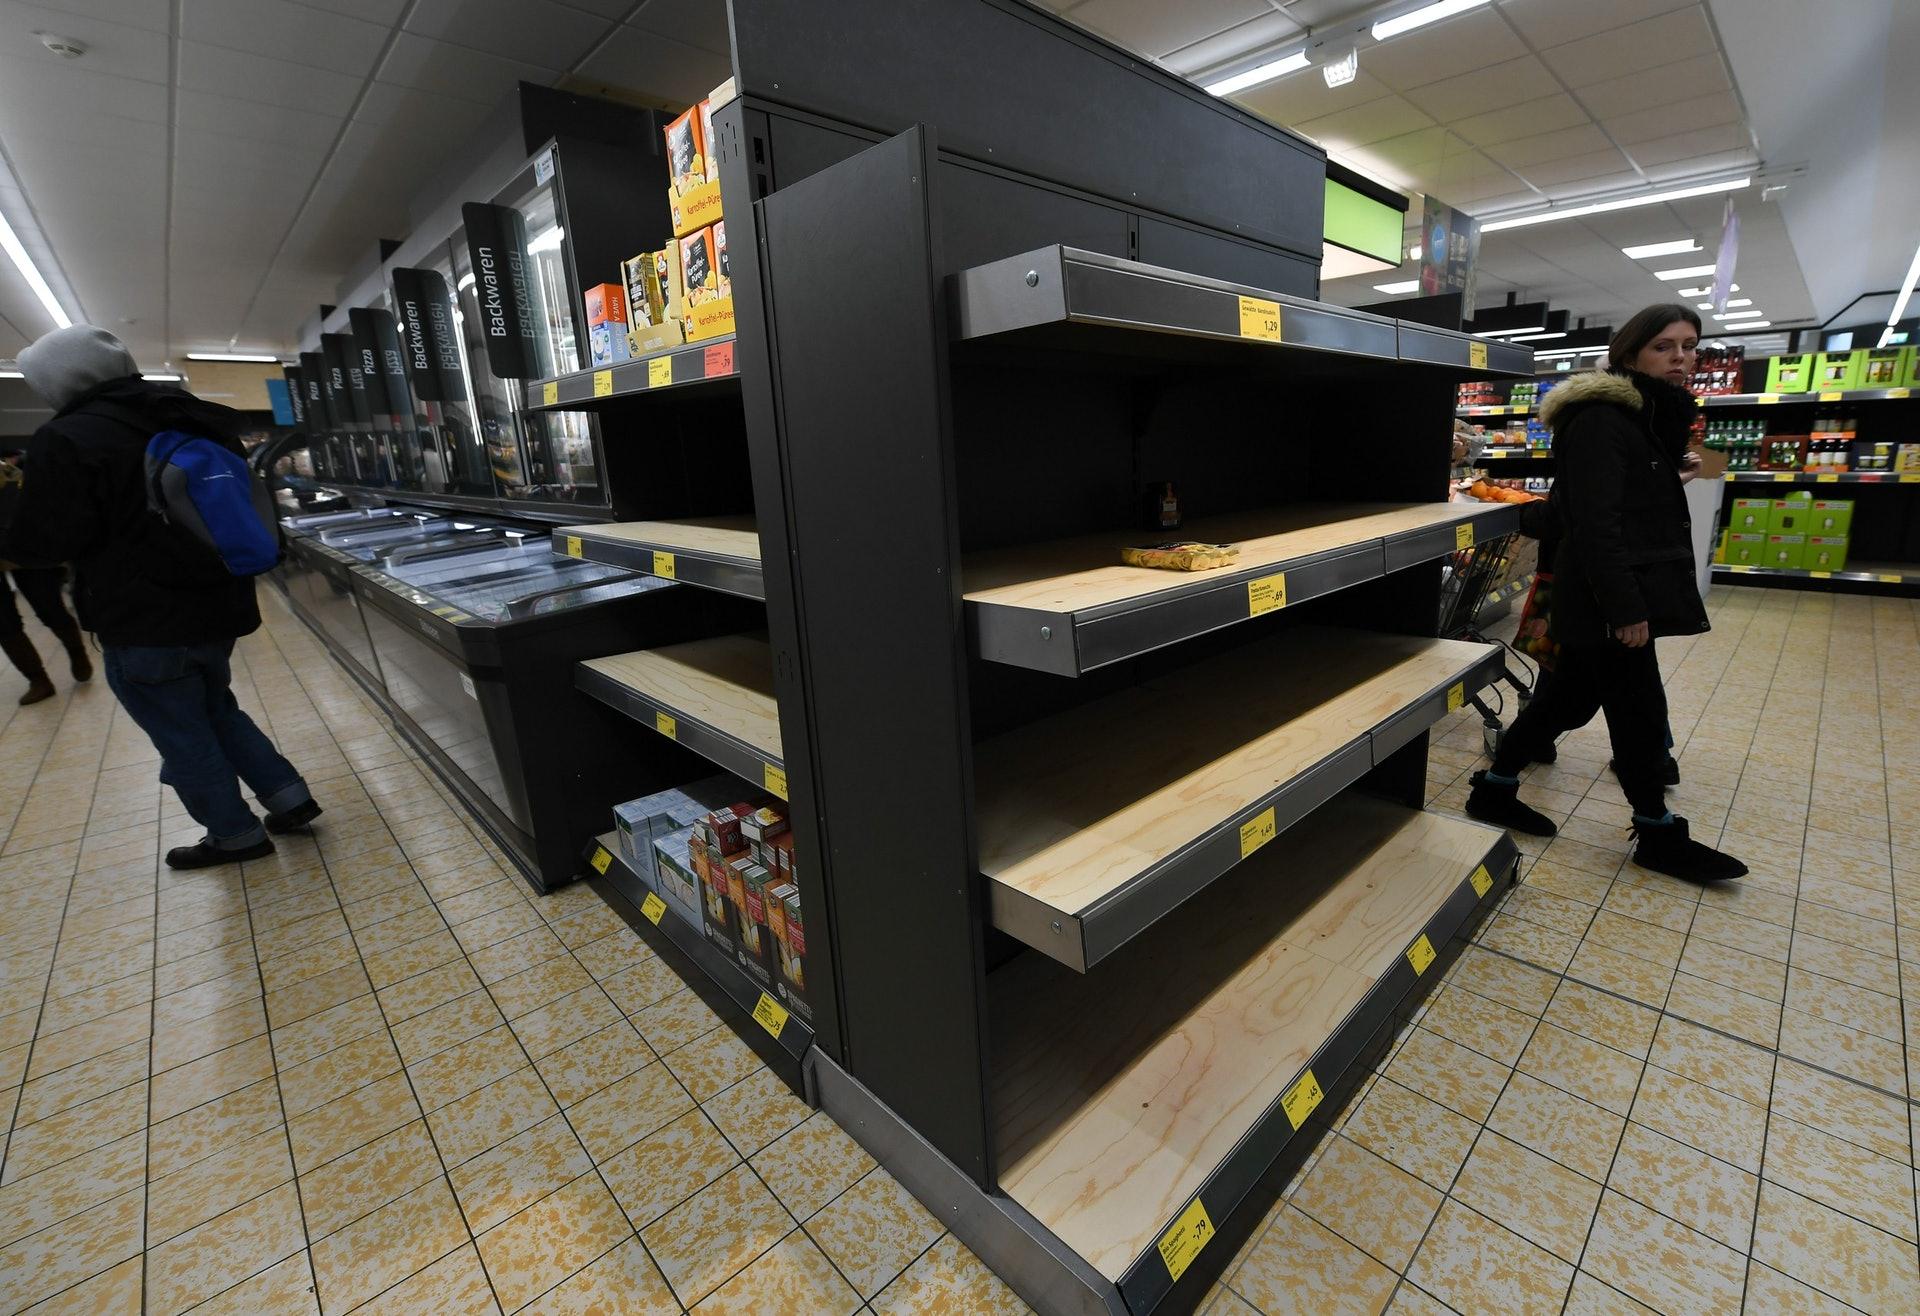 德國民眾甚至認為特朗普比新冠肺炎更可怕。圖為2020年3月9日,德國爆發新冠肺炎疫情期間,法蘭克福一家超市貨架空空蕩蕩。(新華社)